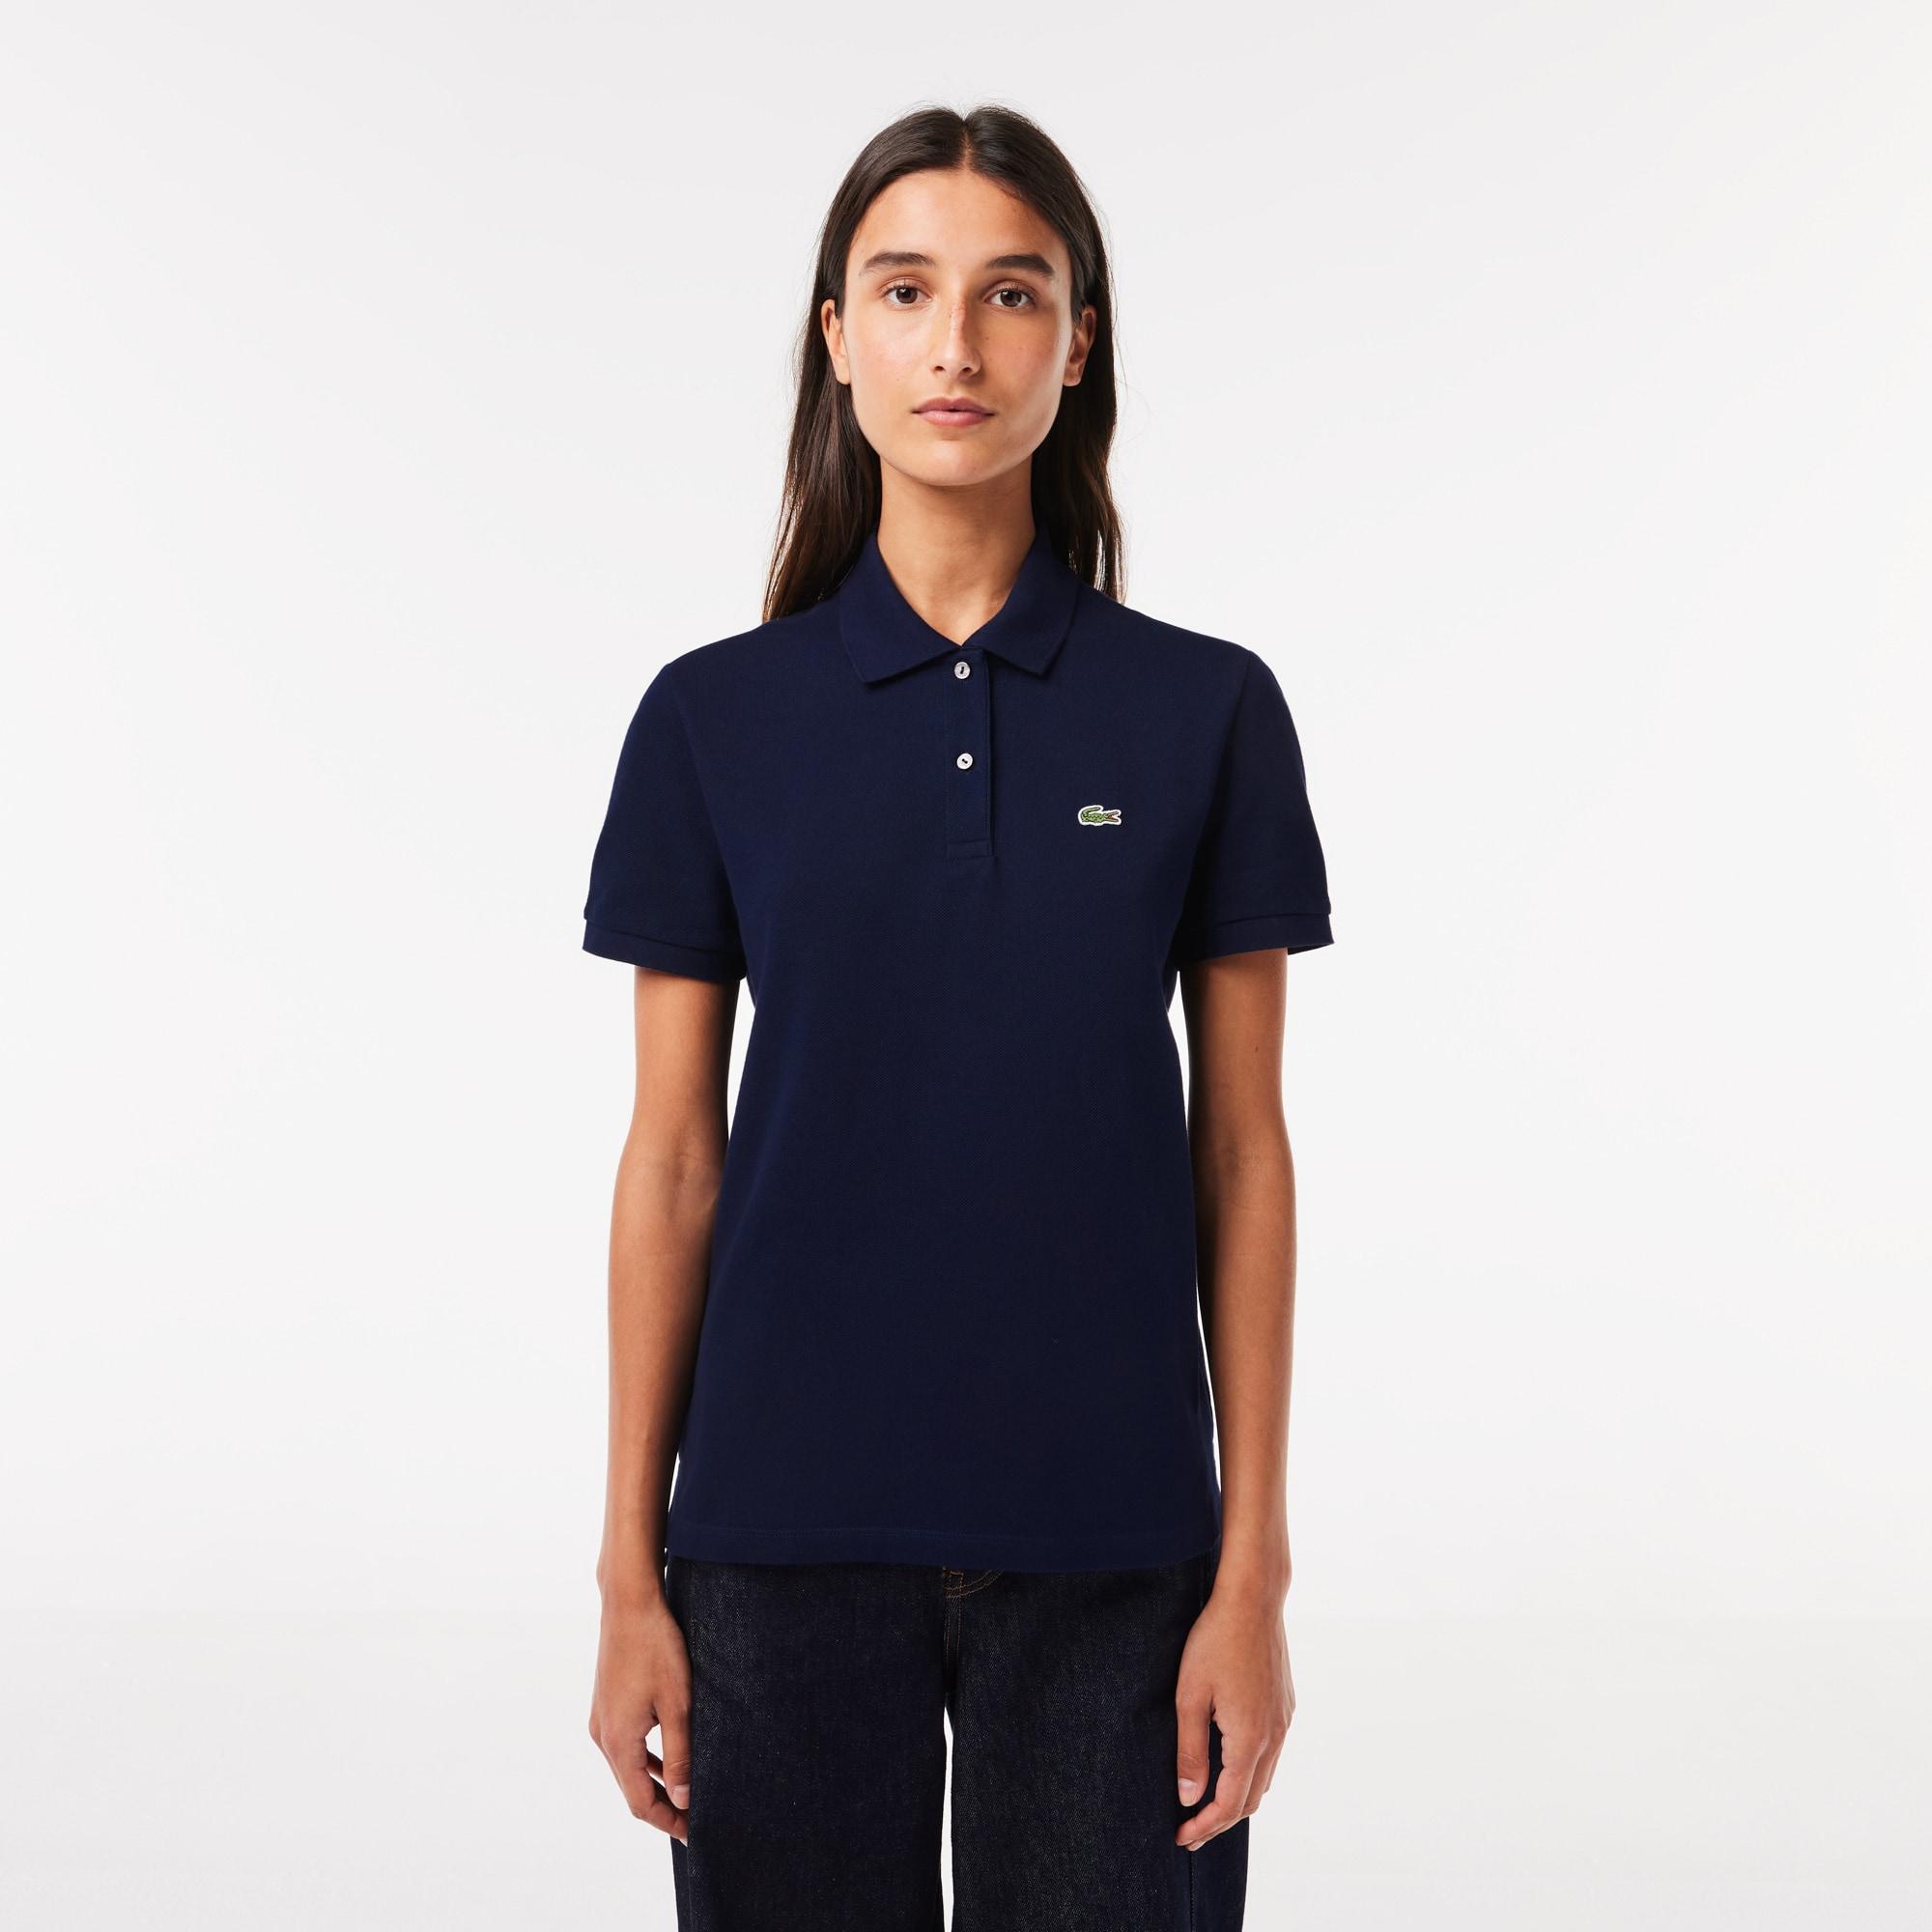 LACOSTE Classic Fit Damen-Poloshirt aus weichem Petit Piqué